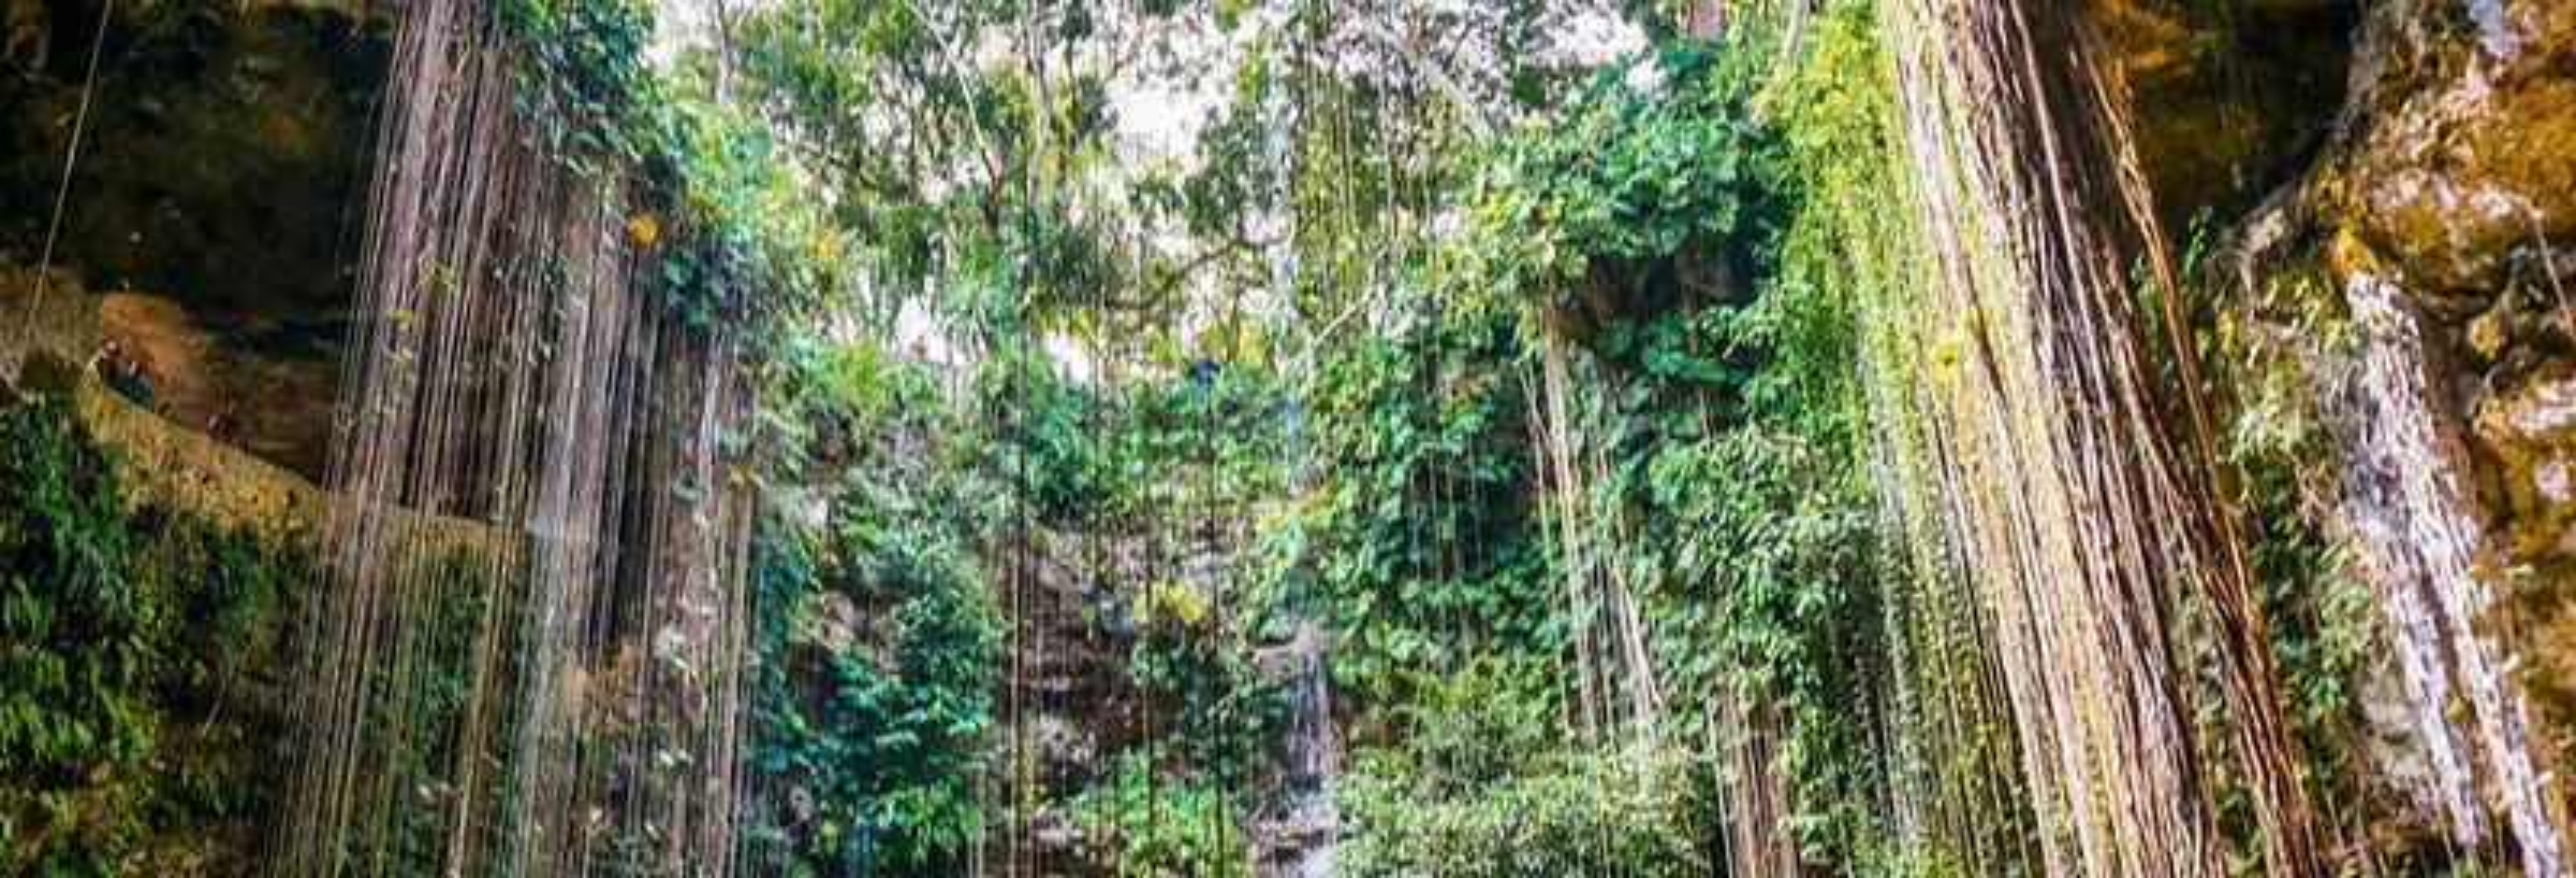 Excursión a Chichén Itzá, Cobá y cenote Ik-Kil